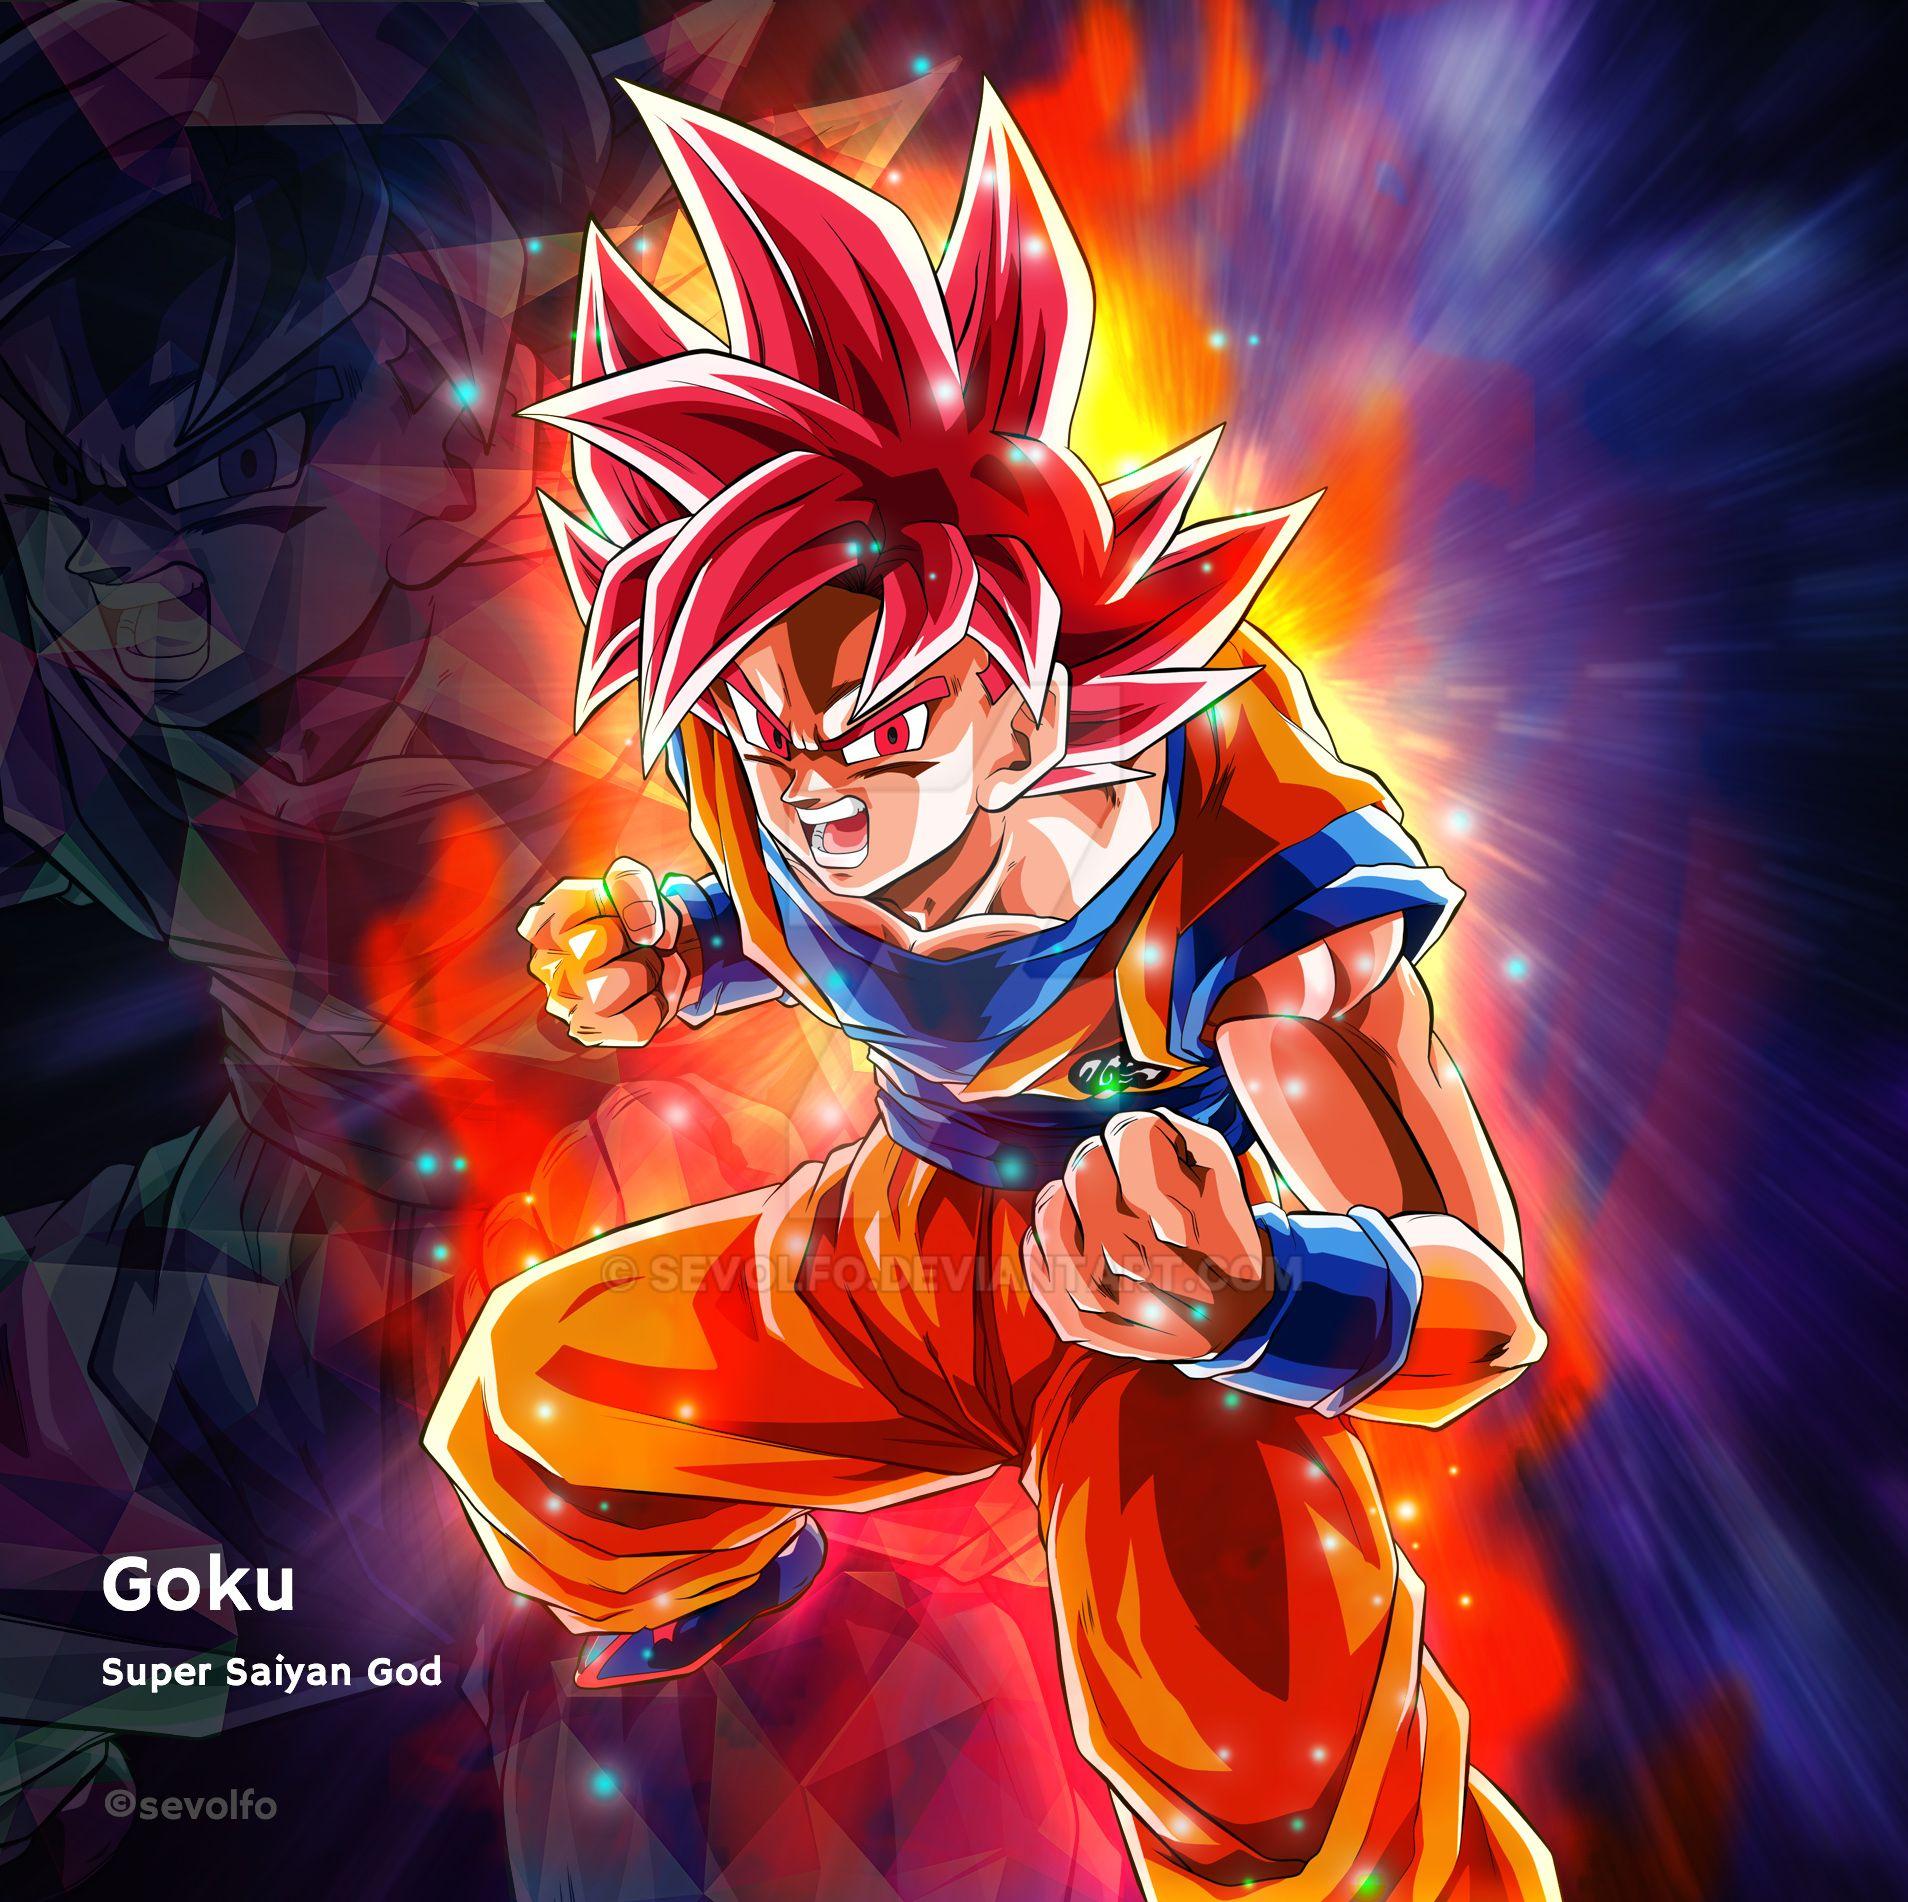 Goku Super Saiyan God by Sevolfo